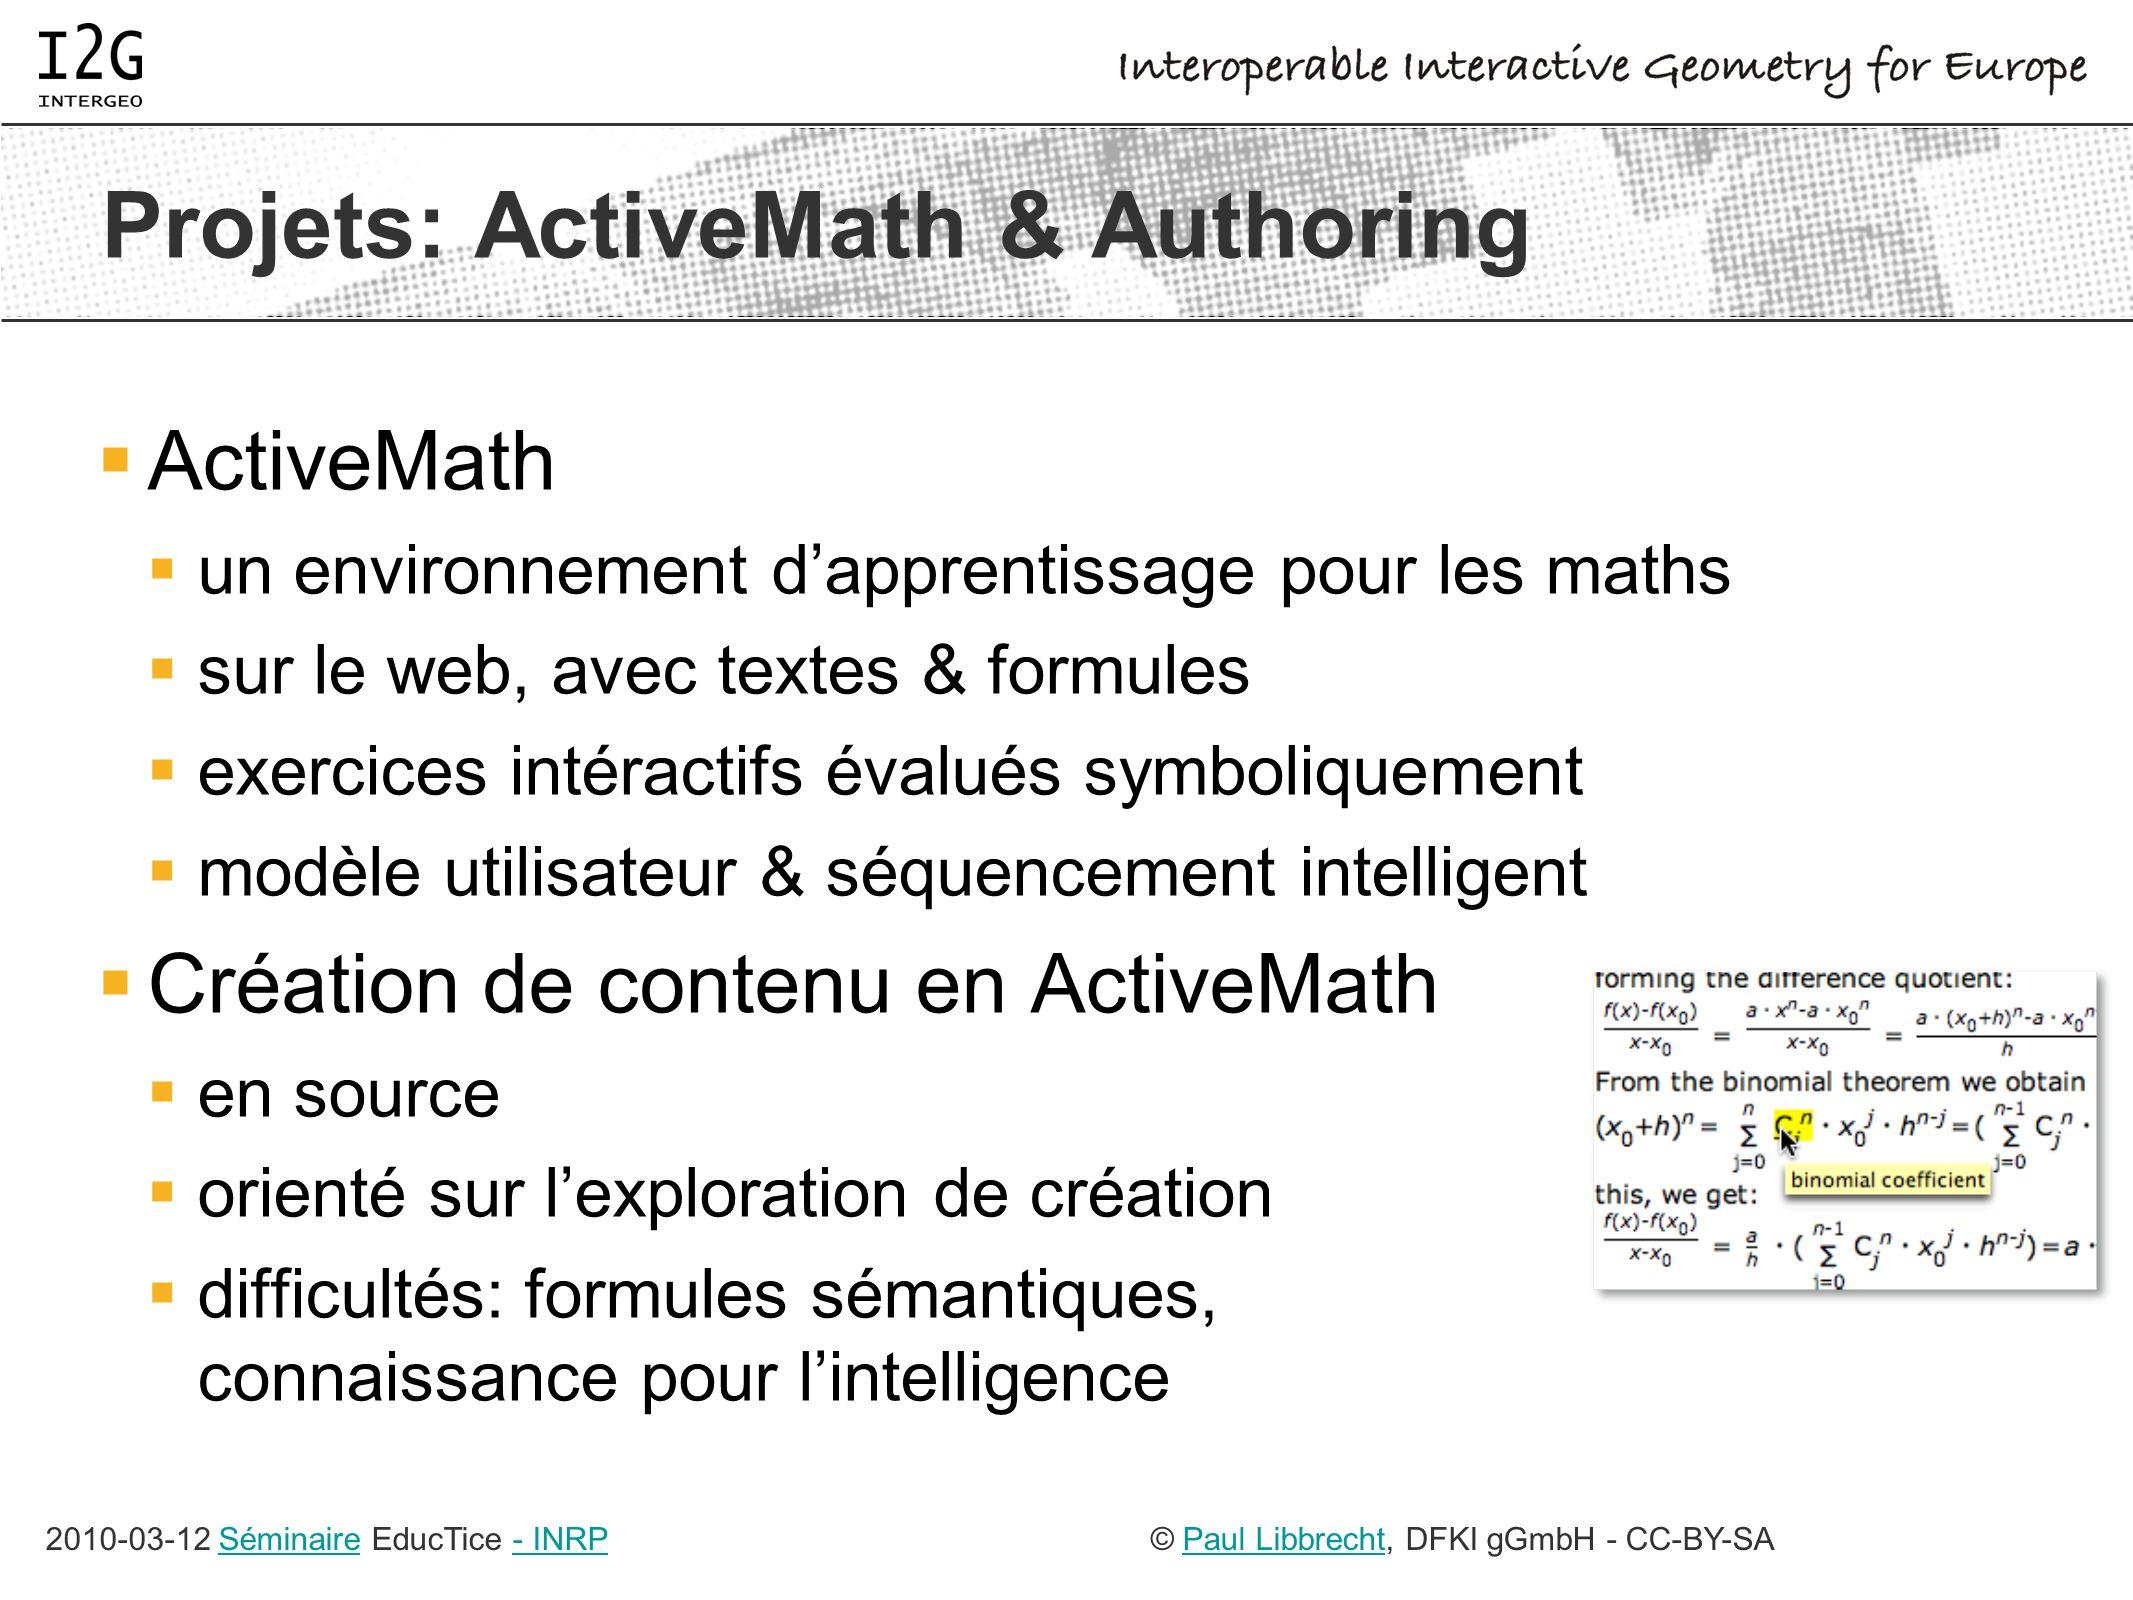 2010-03-12 Séminaire EducTice - INRPSéminaire- INRP© Paul Libbrecht, DFKI gGmbH - CC-BY-SAPaul Libbrecht Projets: ActiveMath & Authoring ActiveMath un